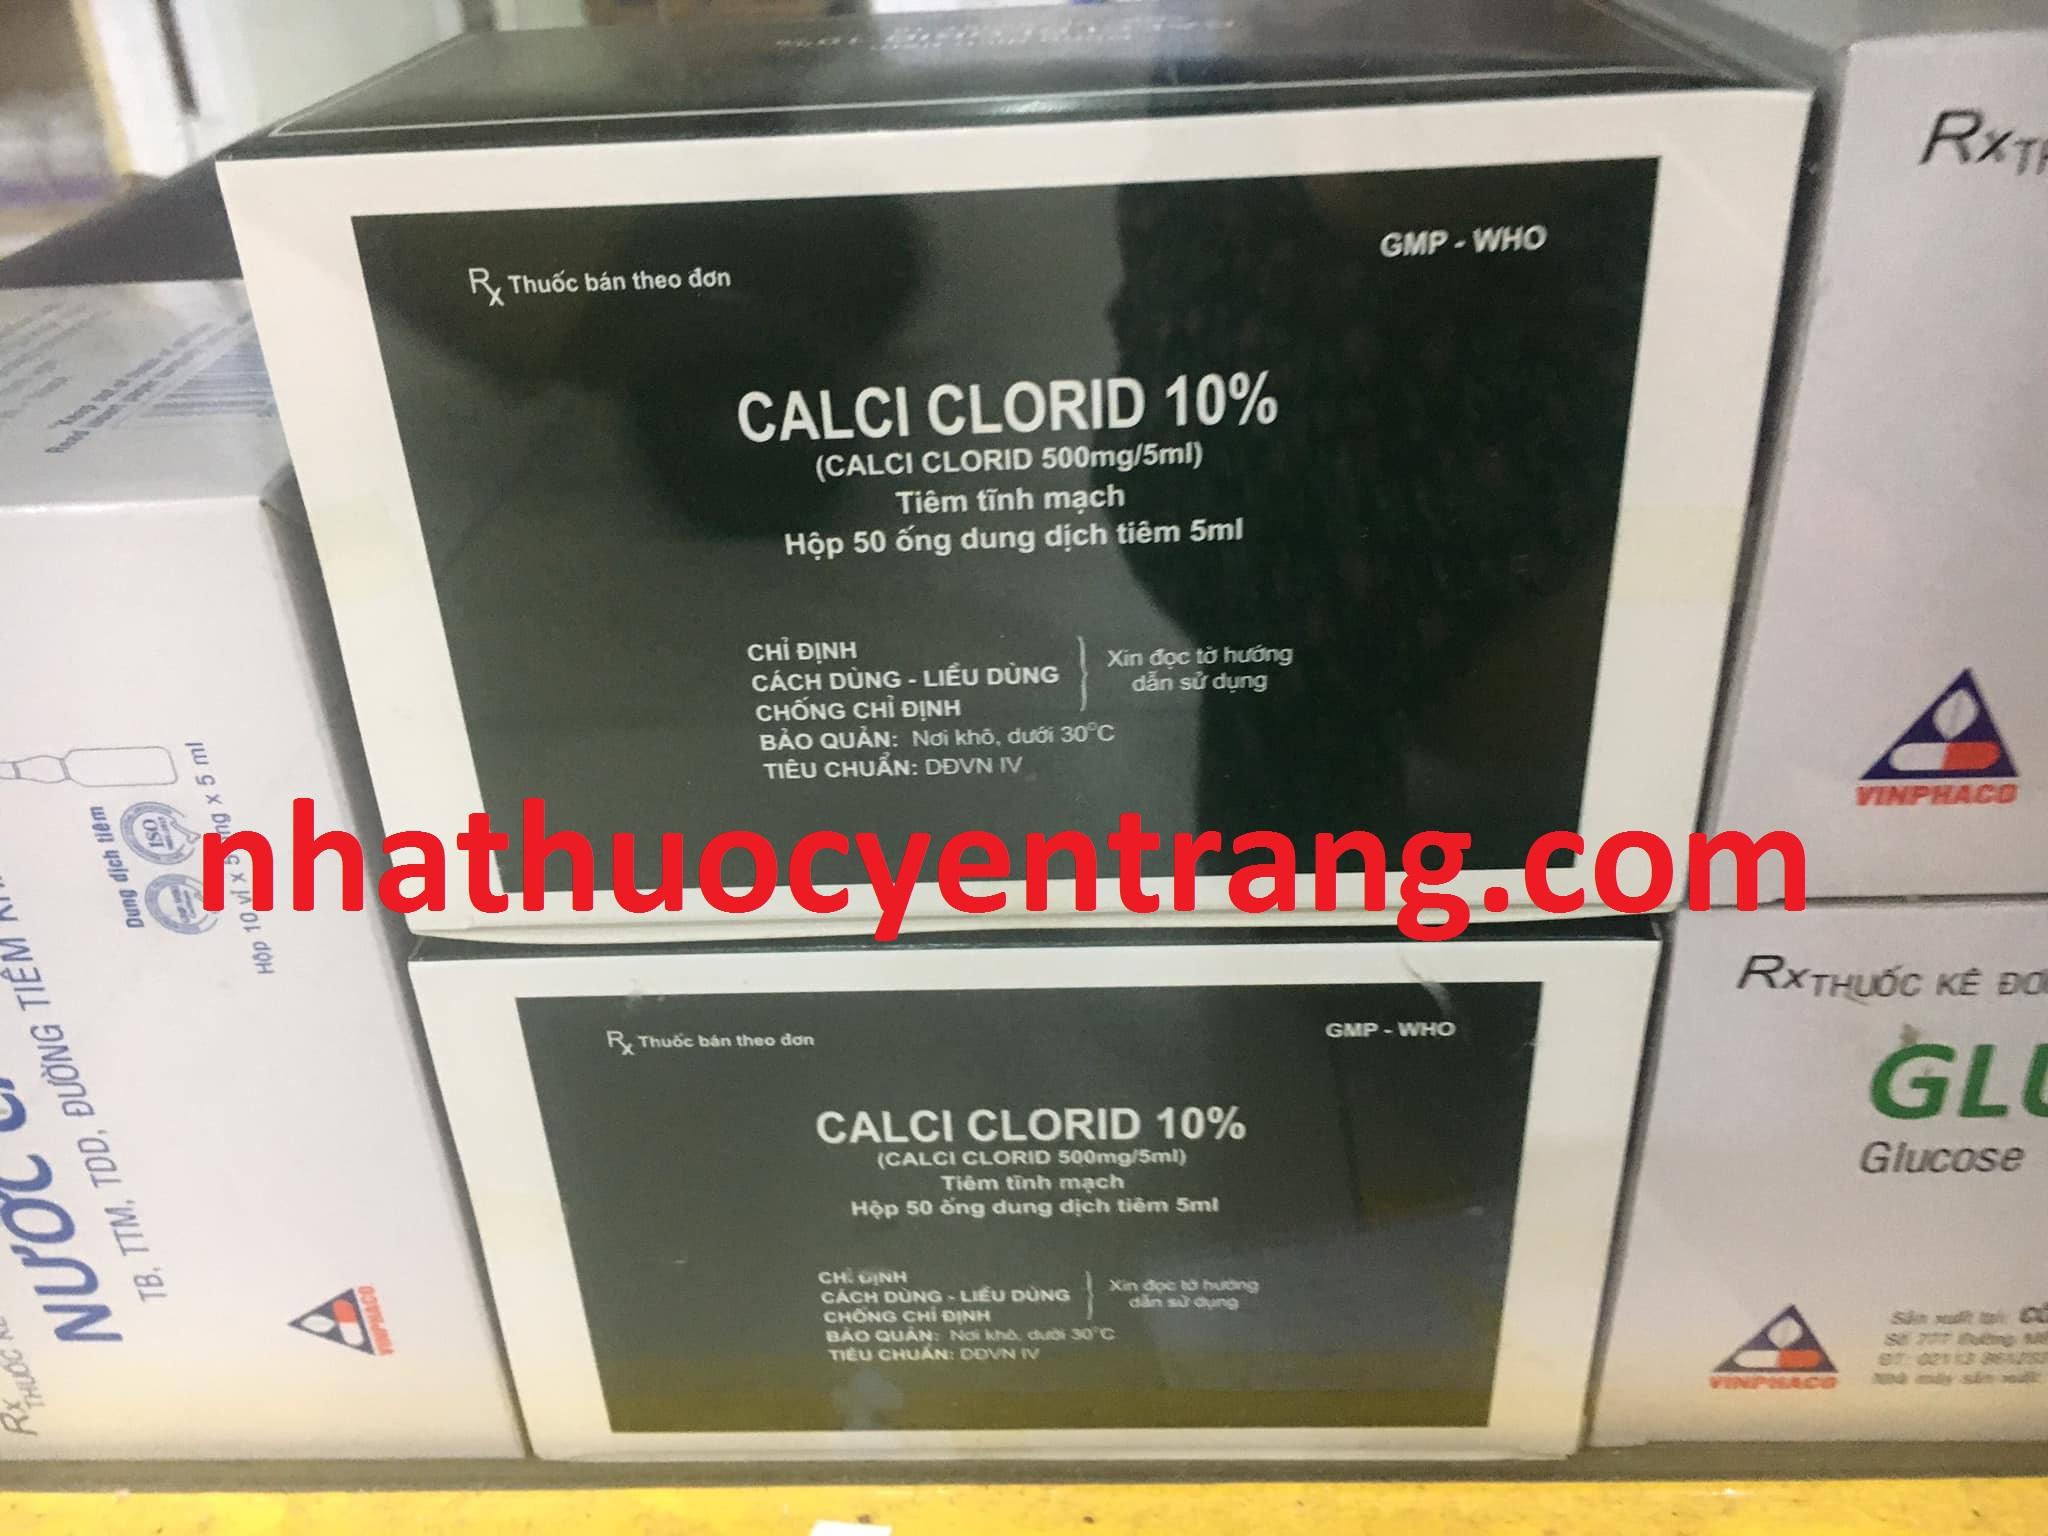 Calci Clorid 10%